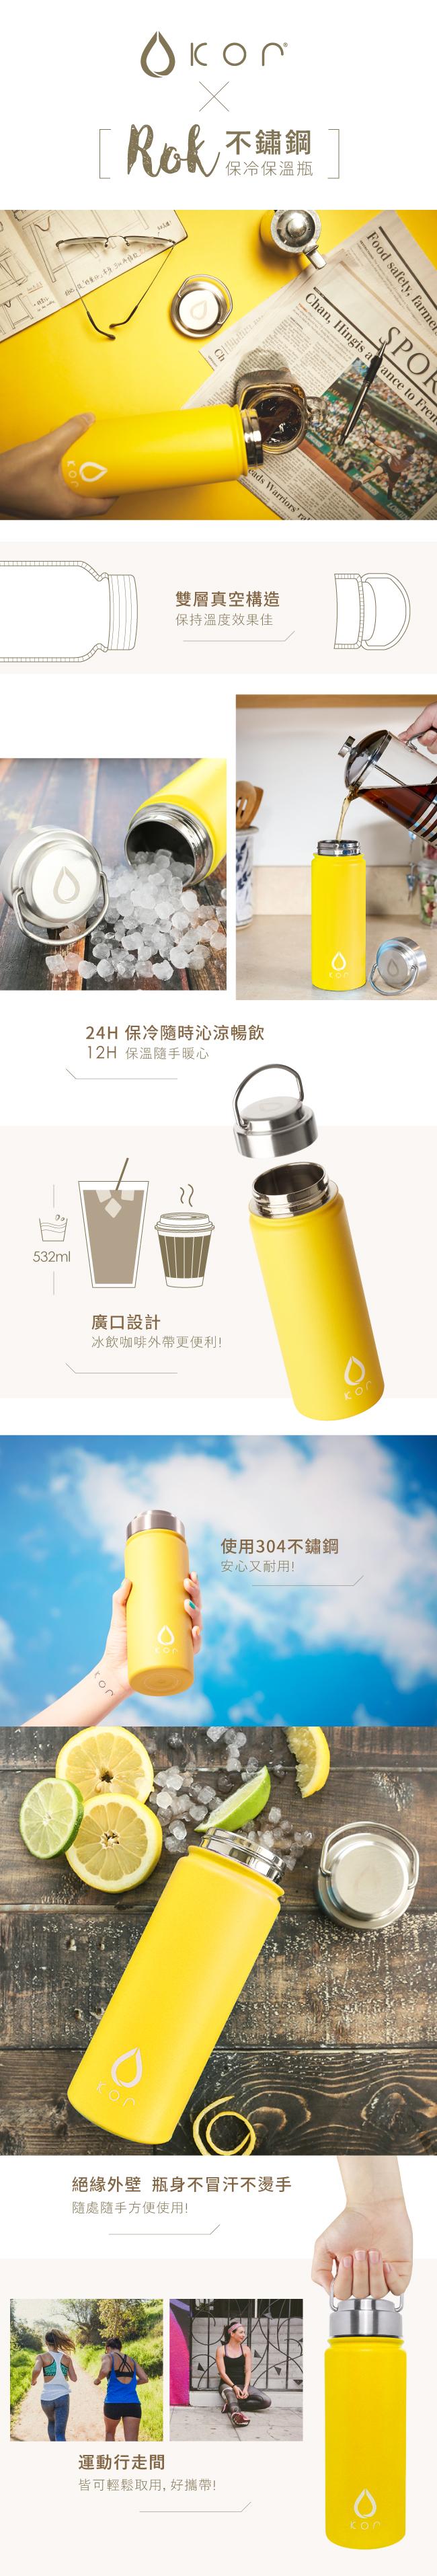 美國KORwater ROK304不鏽鋼隨身保冷保溫瓶-搖滾黃